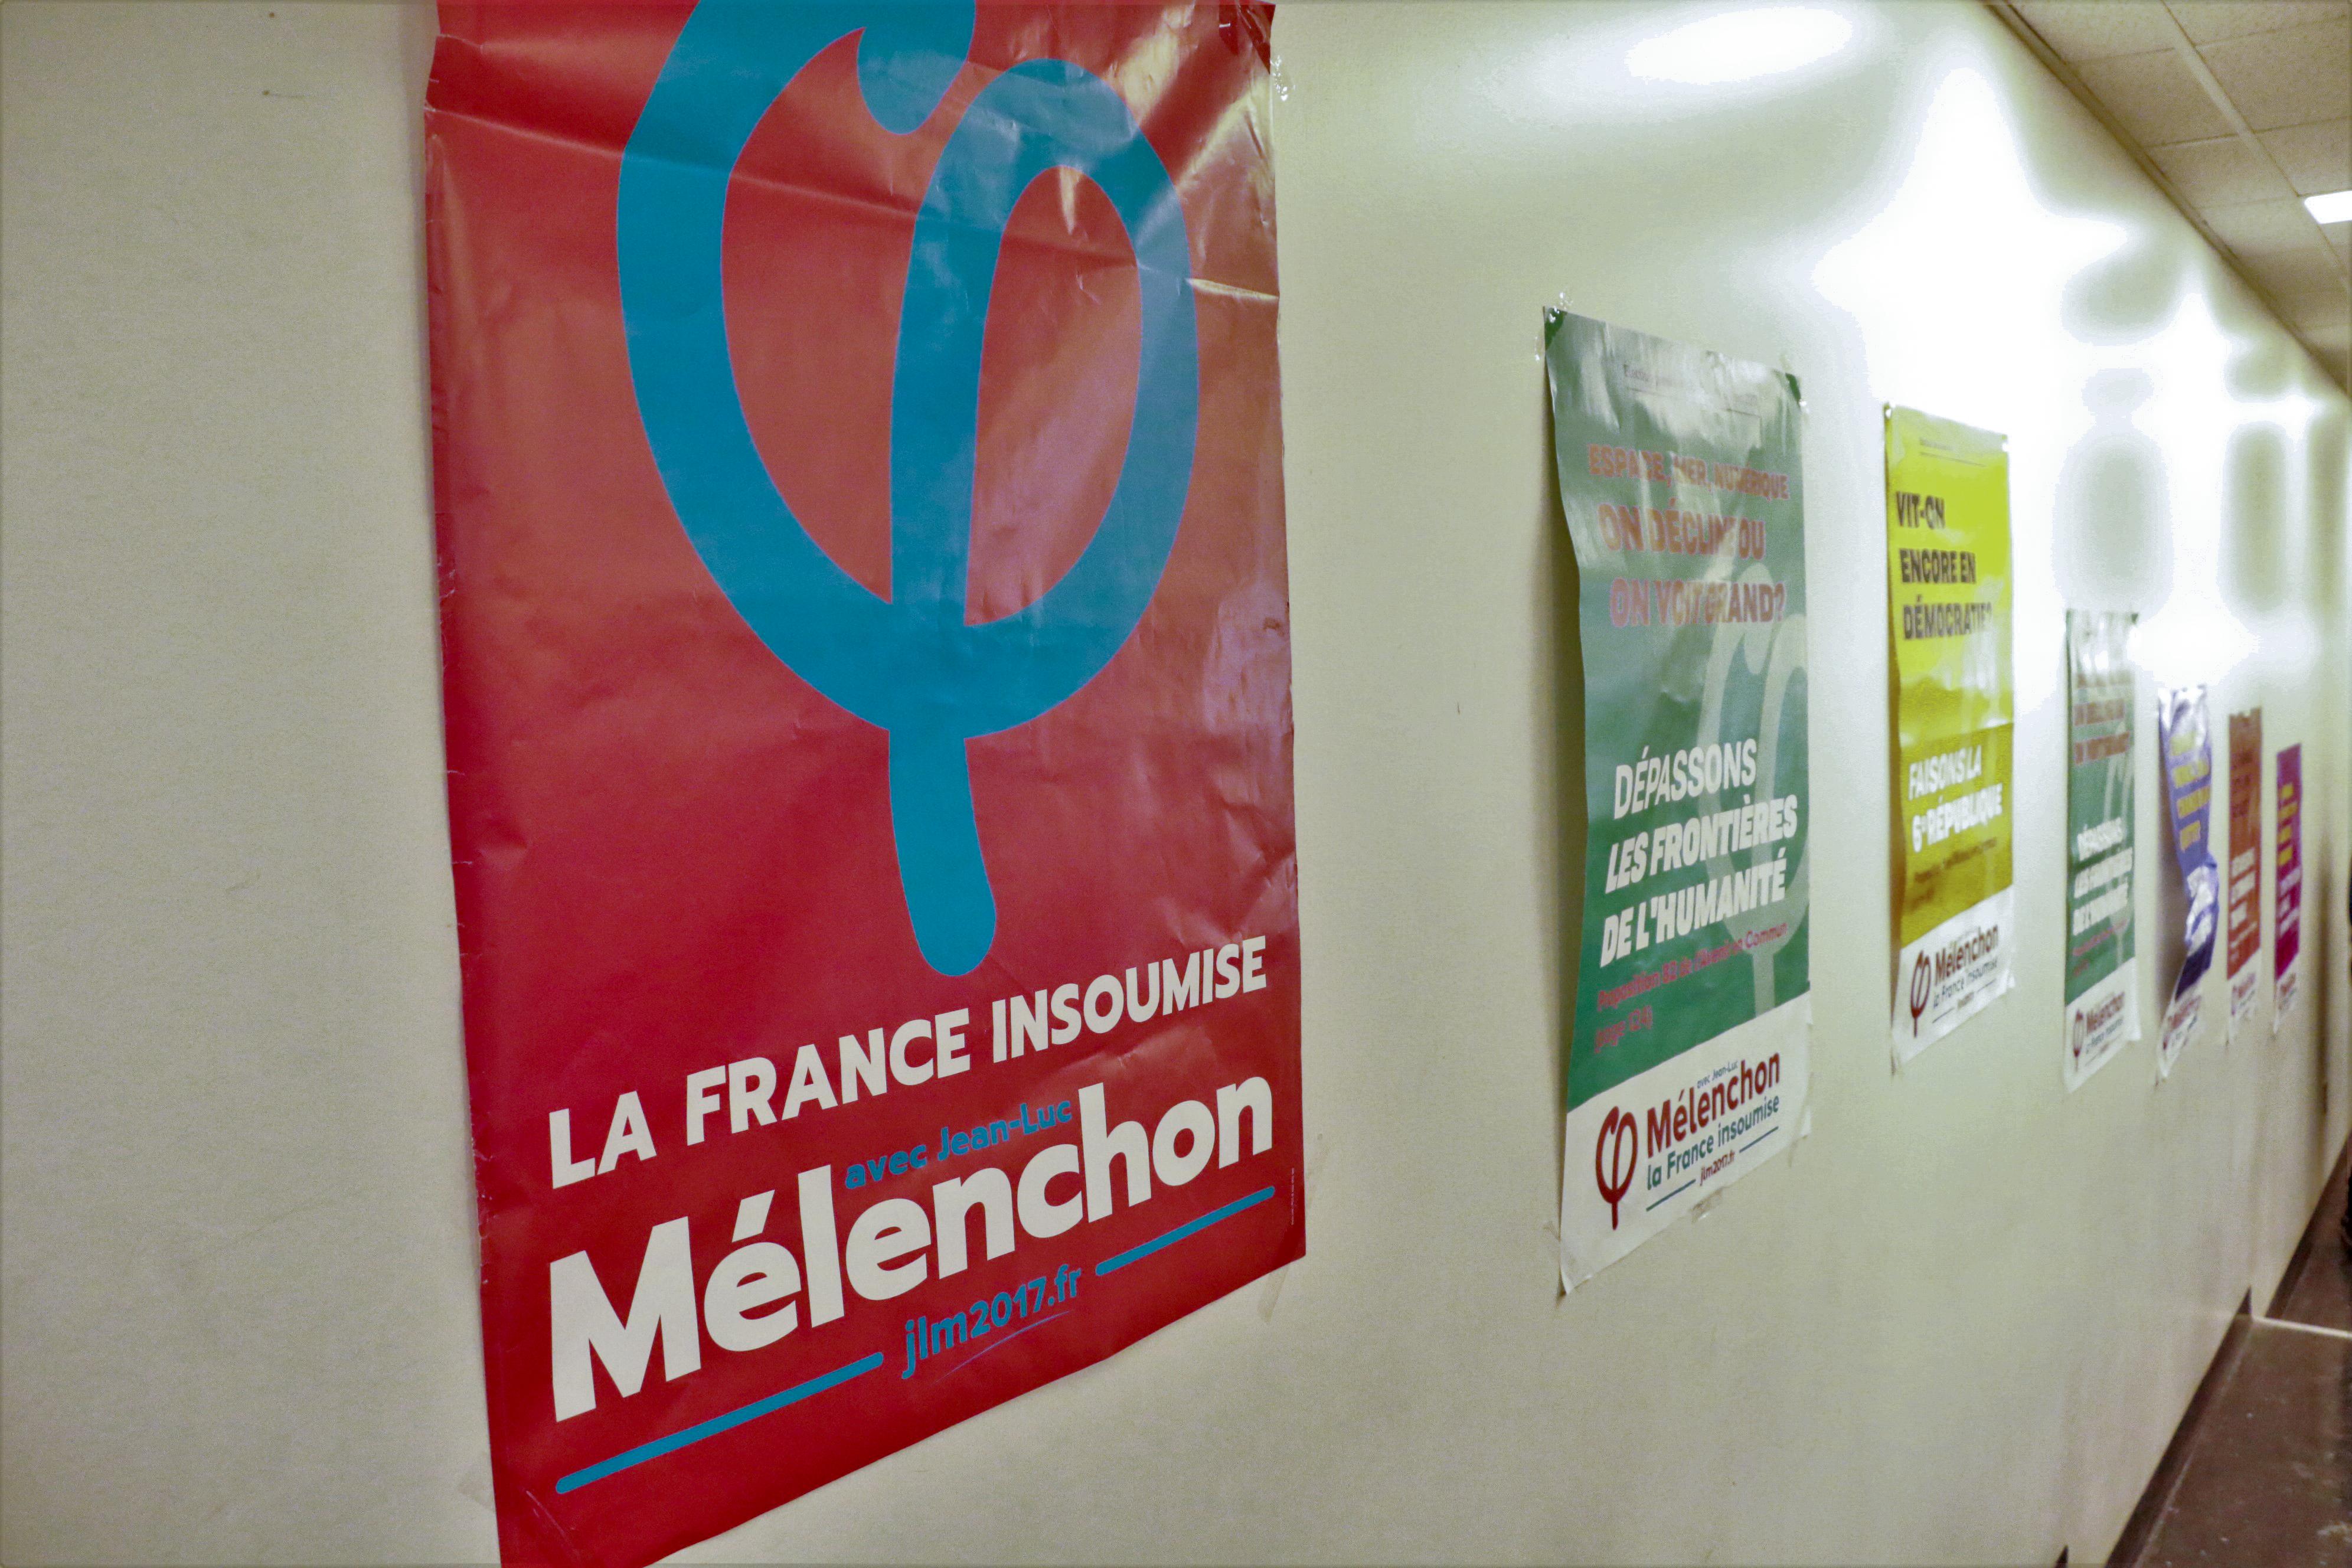 Les Insoumis de Jean-Luc Mélenchon importent à Montréal le débat sur la 6ème République